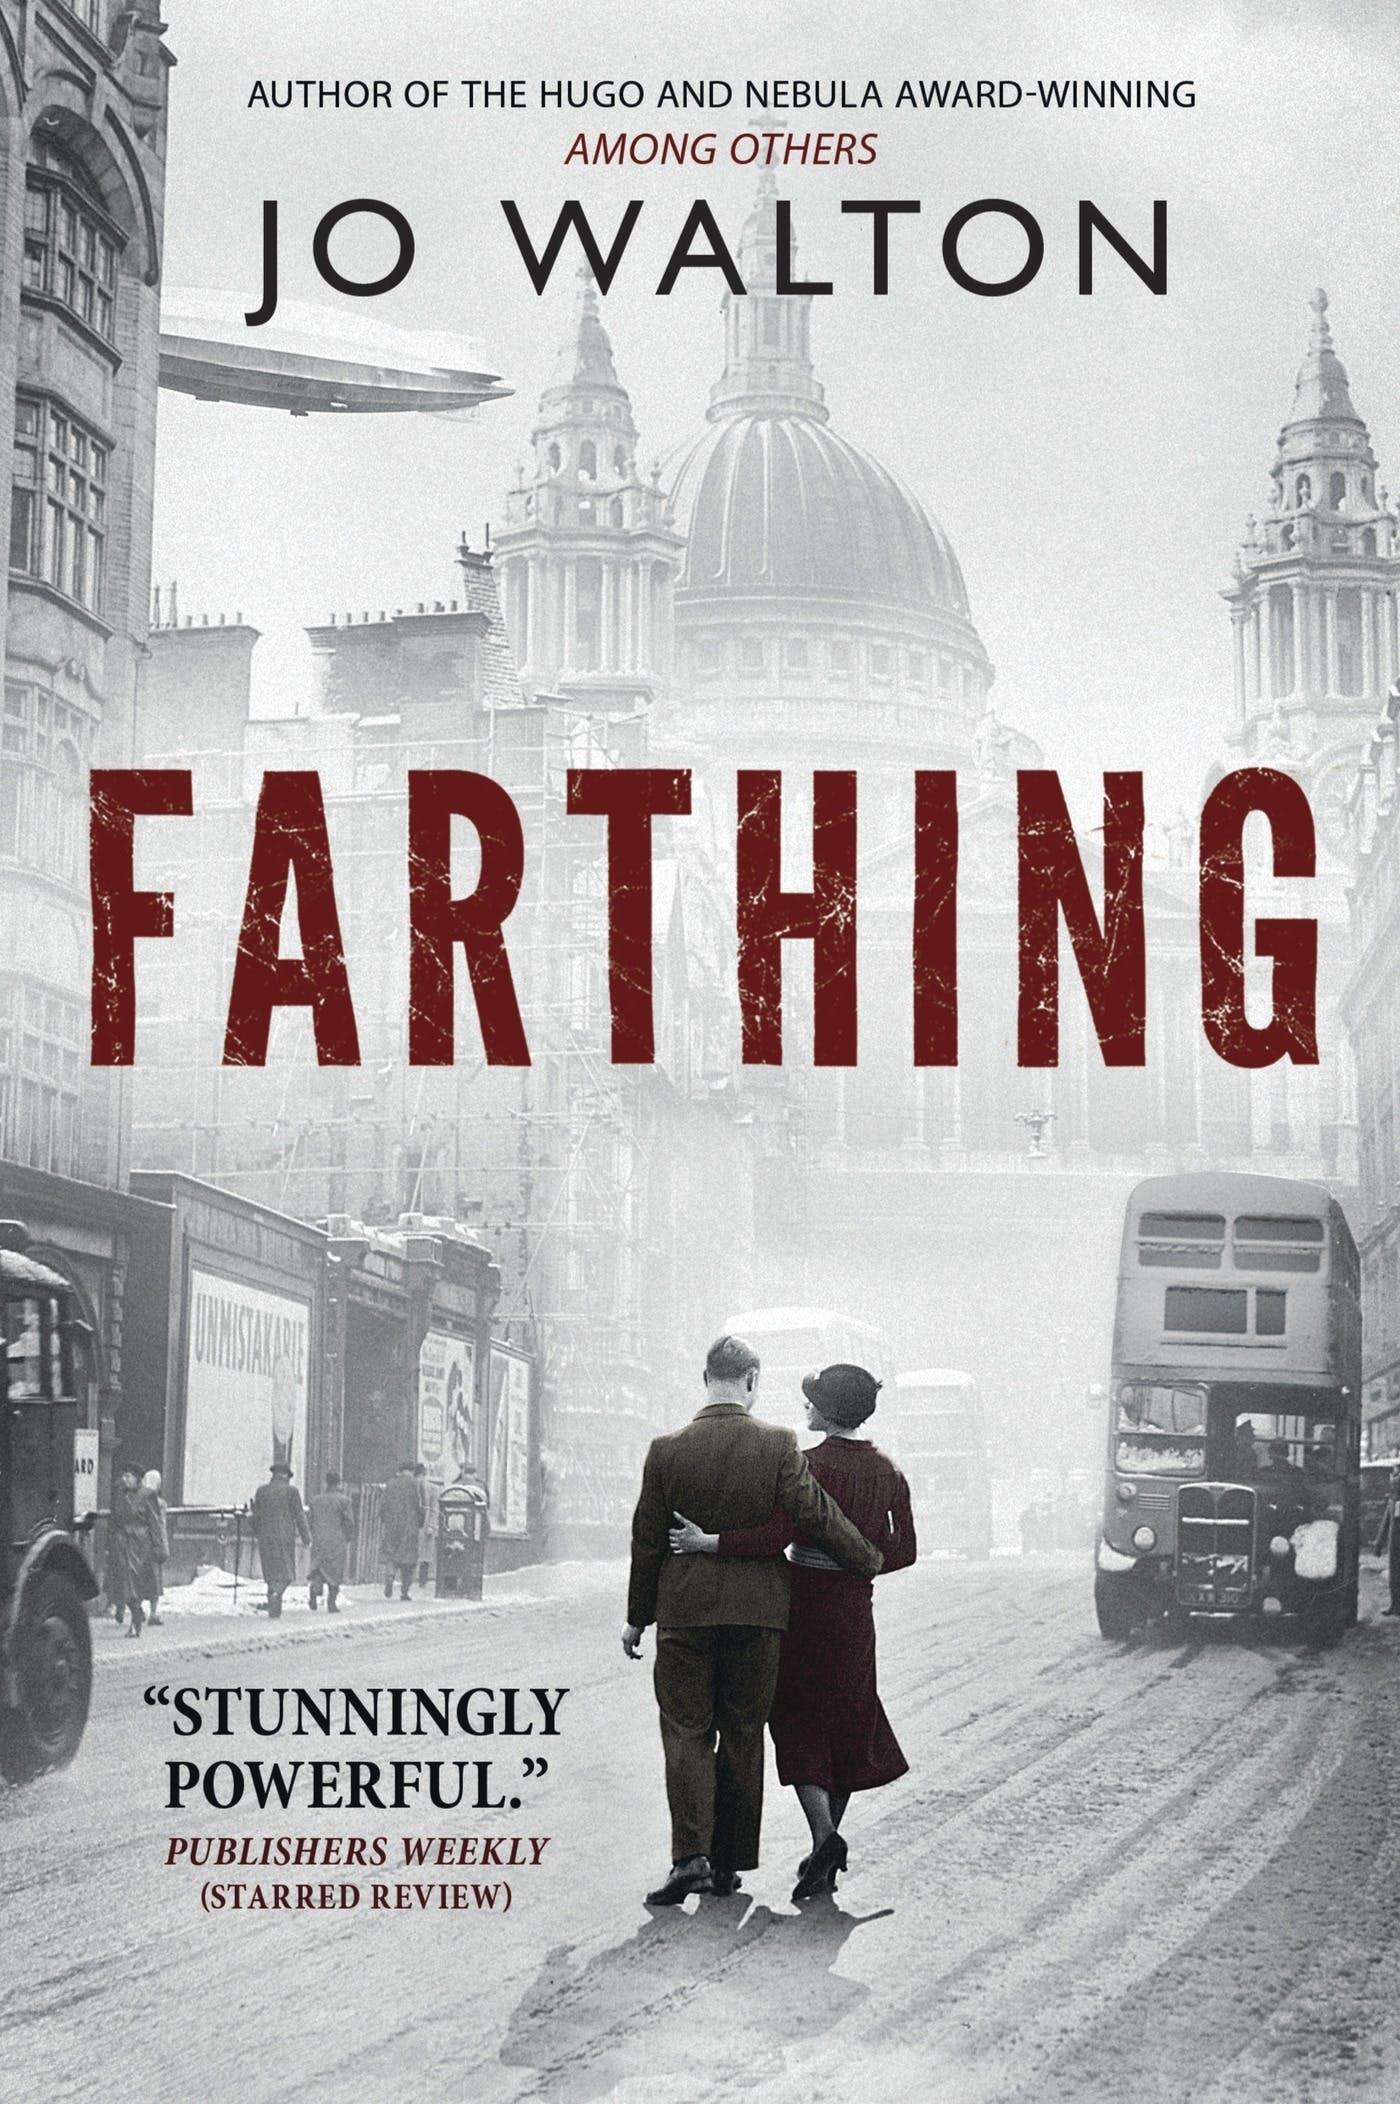 Image of Farthing